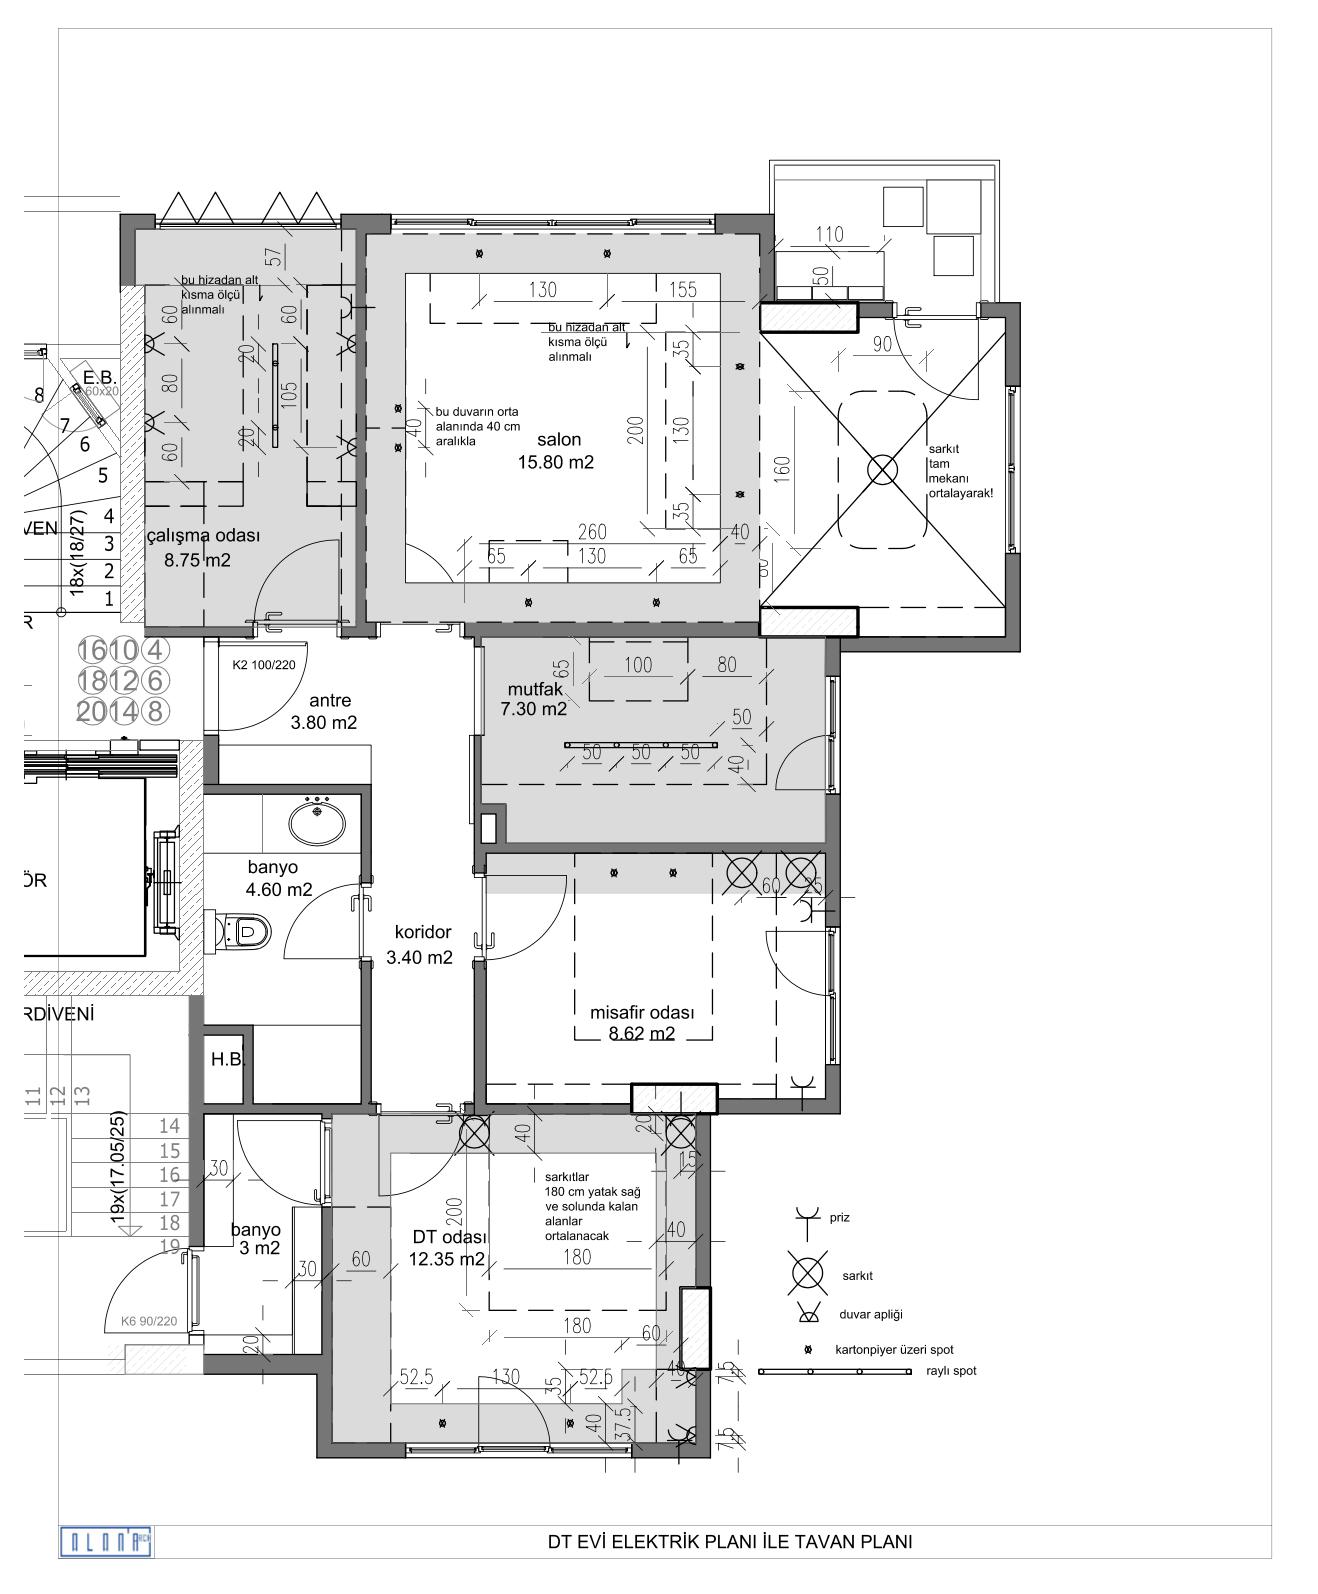 DT dairesi tavanplan